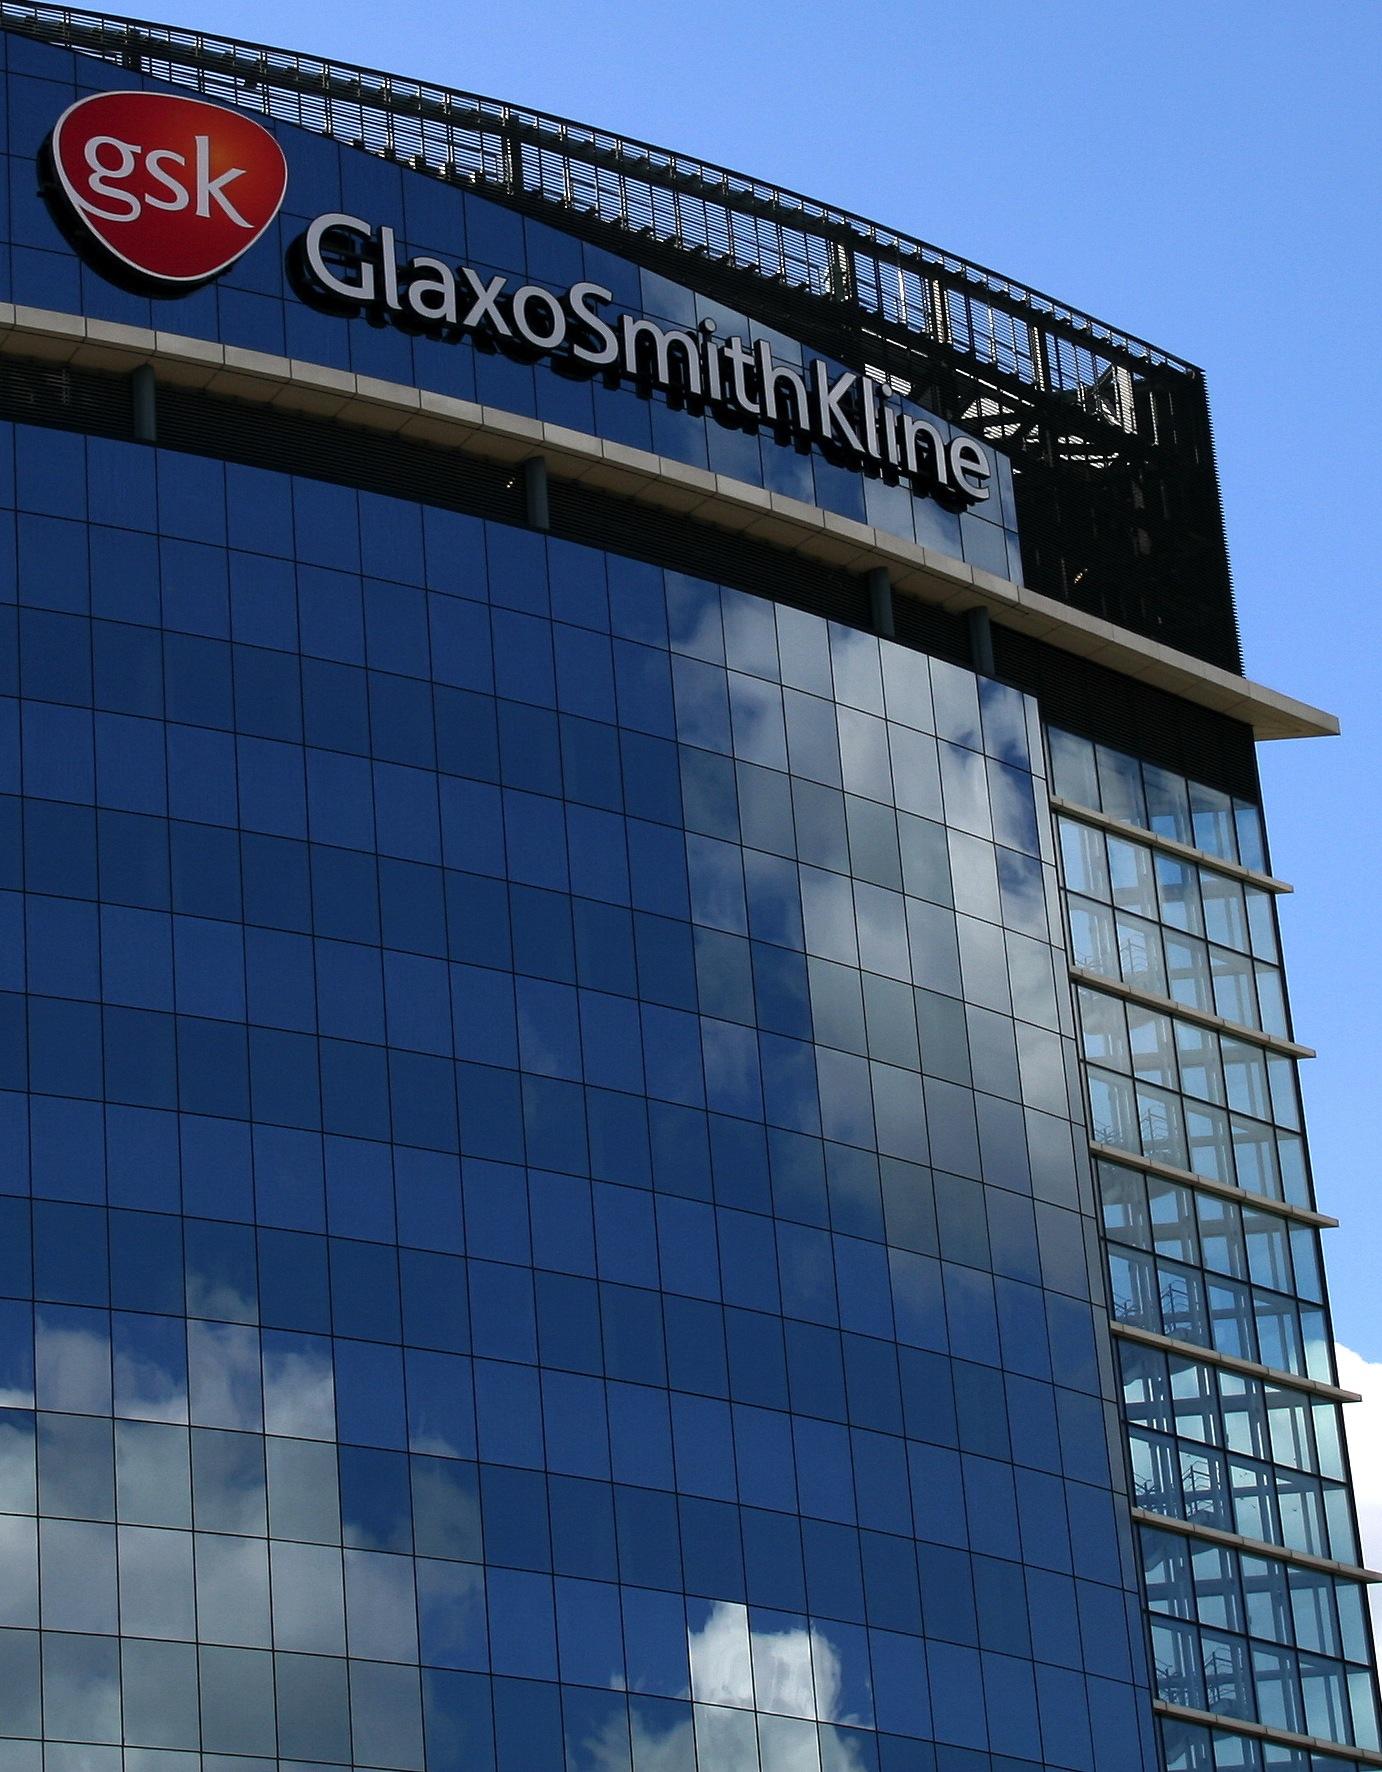 Buy Shares in GlaxoSmithKline